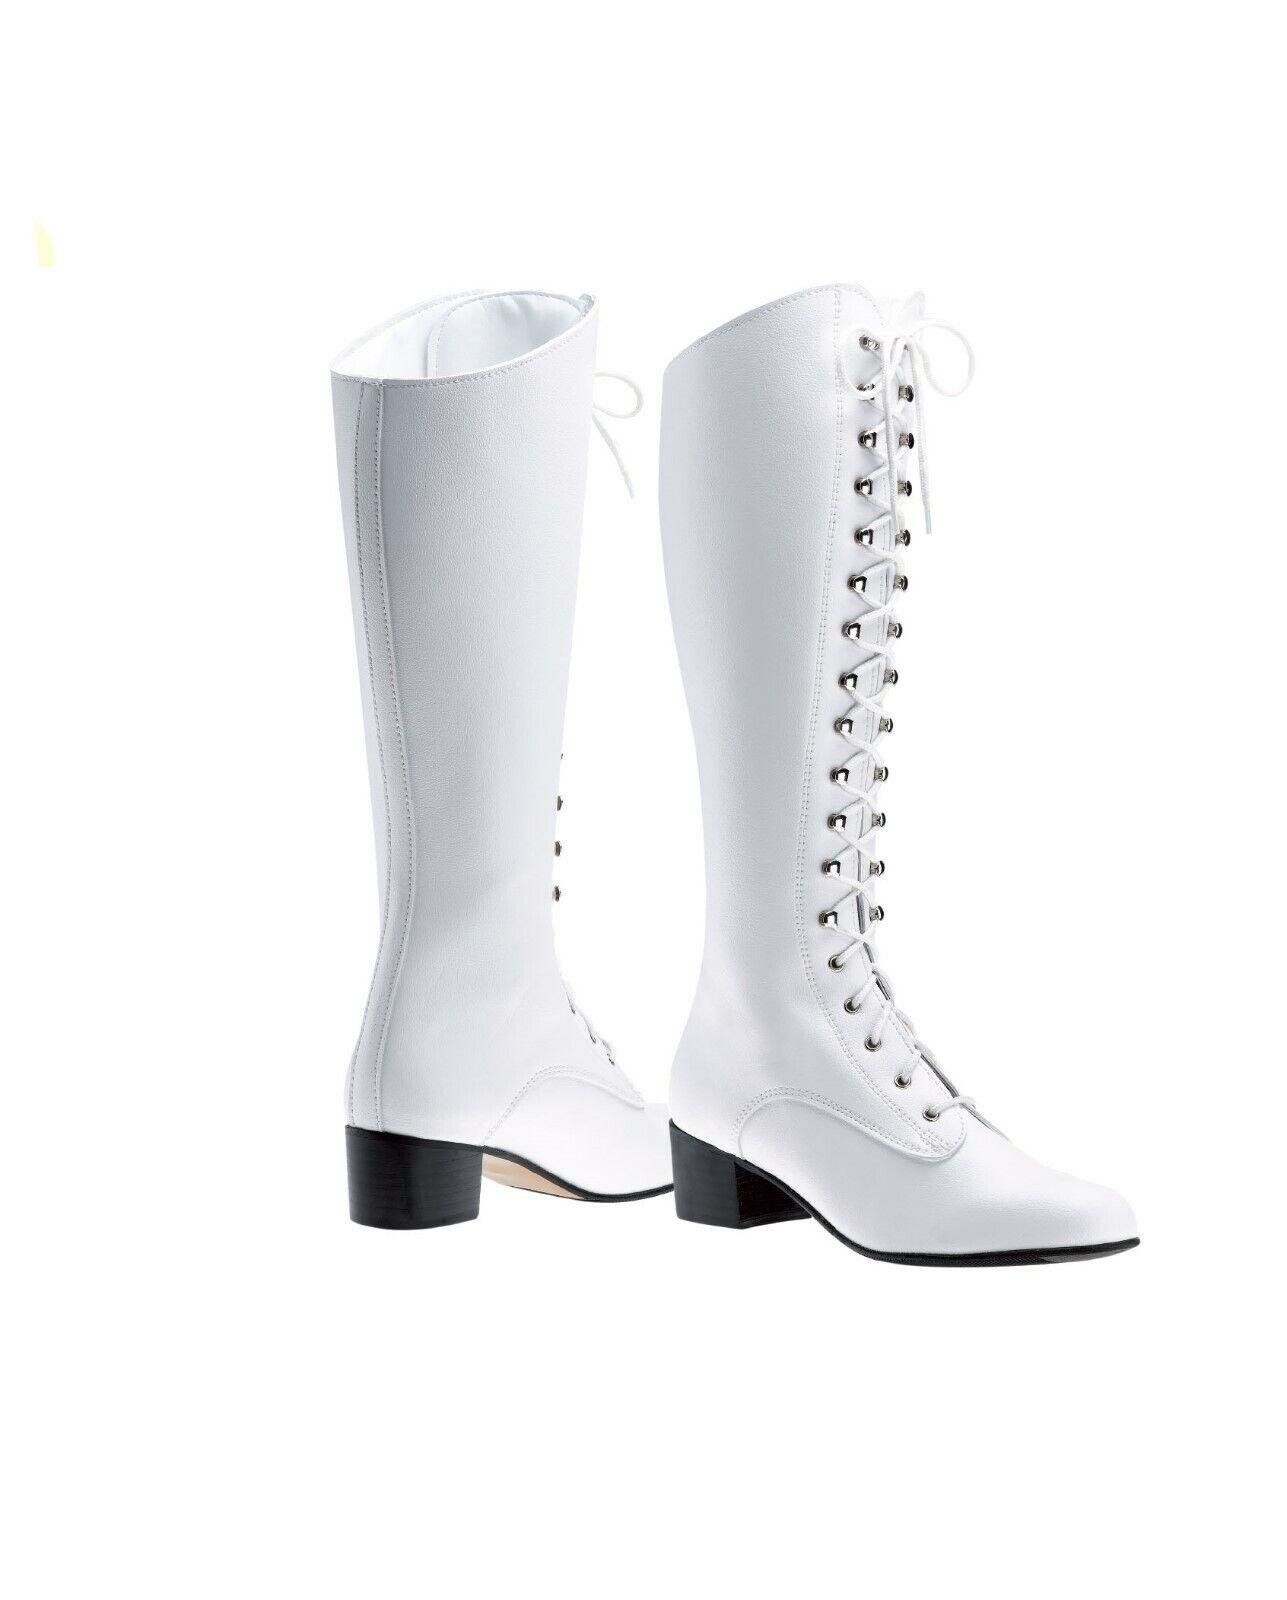 Stivali Majorettes alti in pelle Anniel 2963. Suola in cuoio  e gomma, tacco cm 5  cost-effective